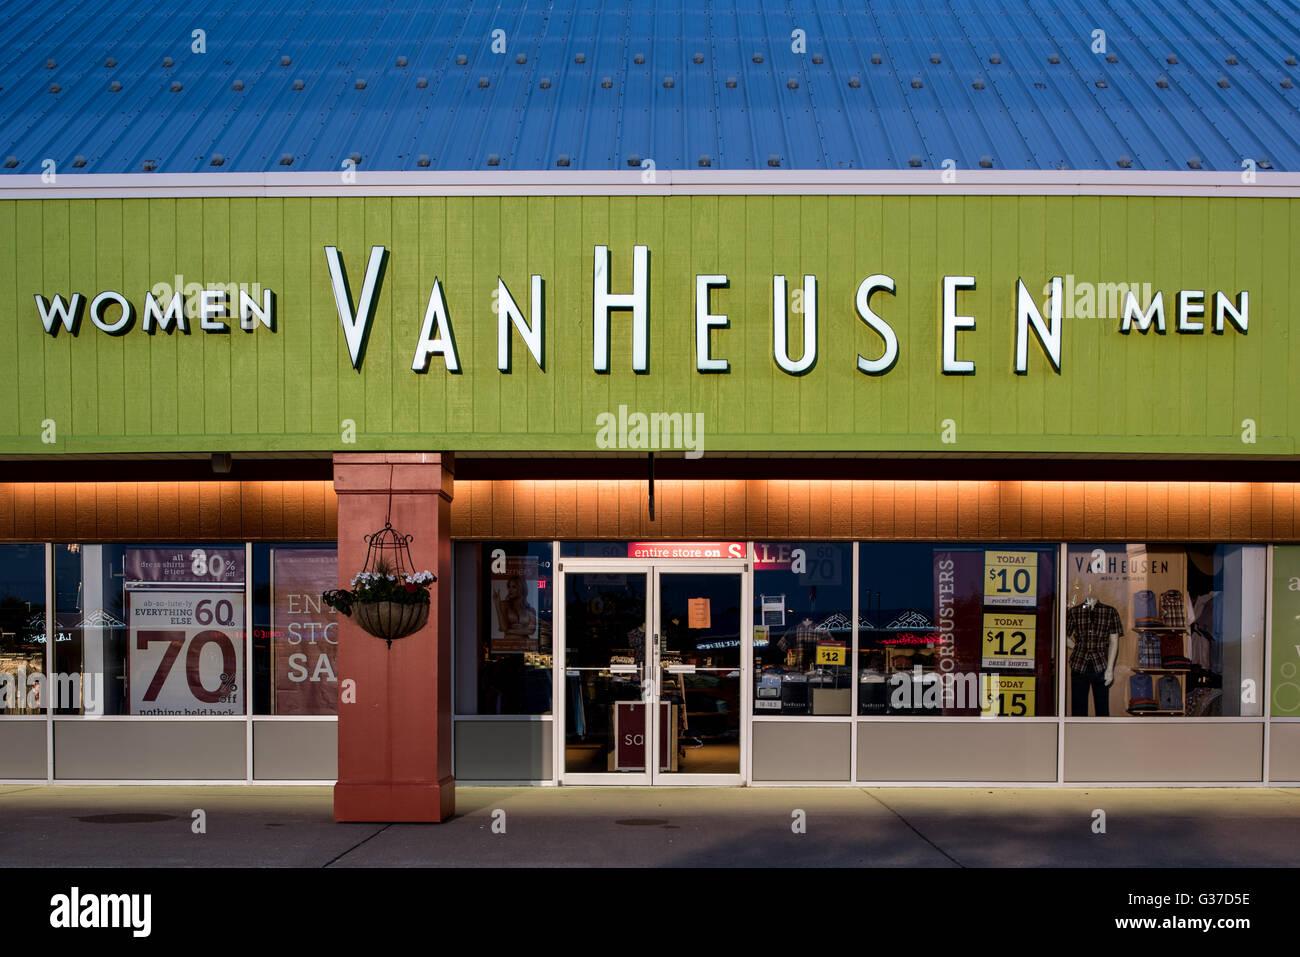 e240c8c9cd Van Heusen Stock Photos   Van Heusen Stock Images - Alamy